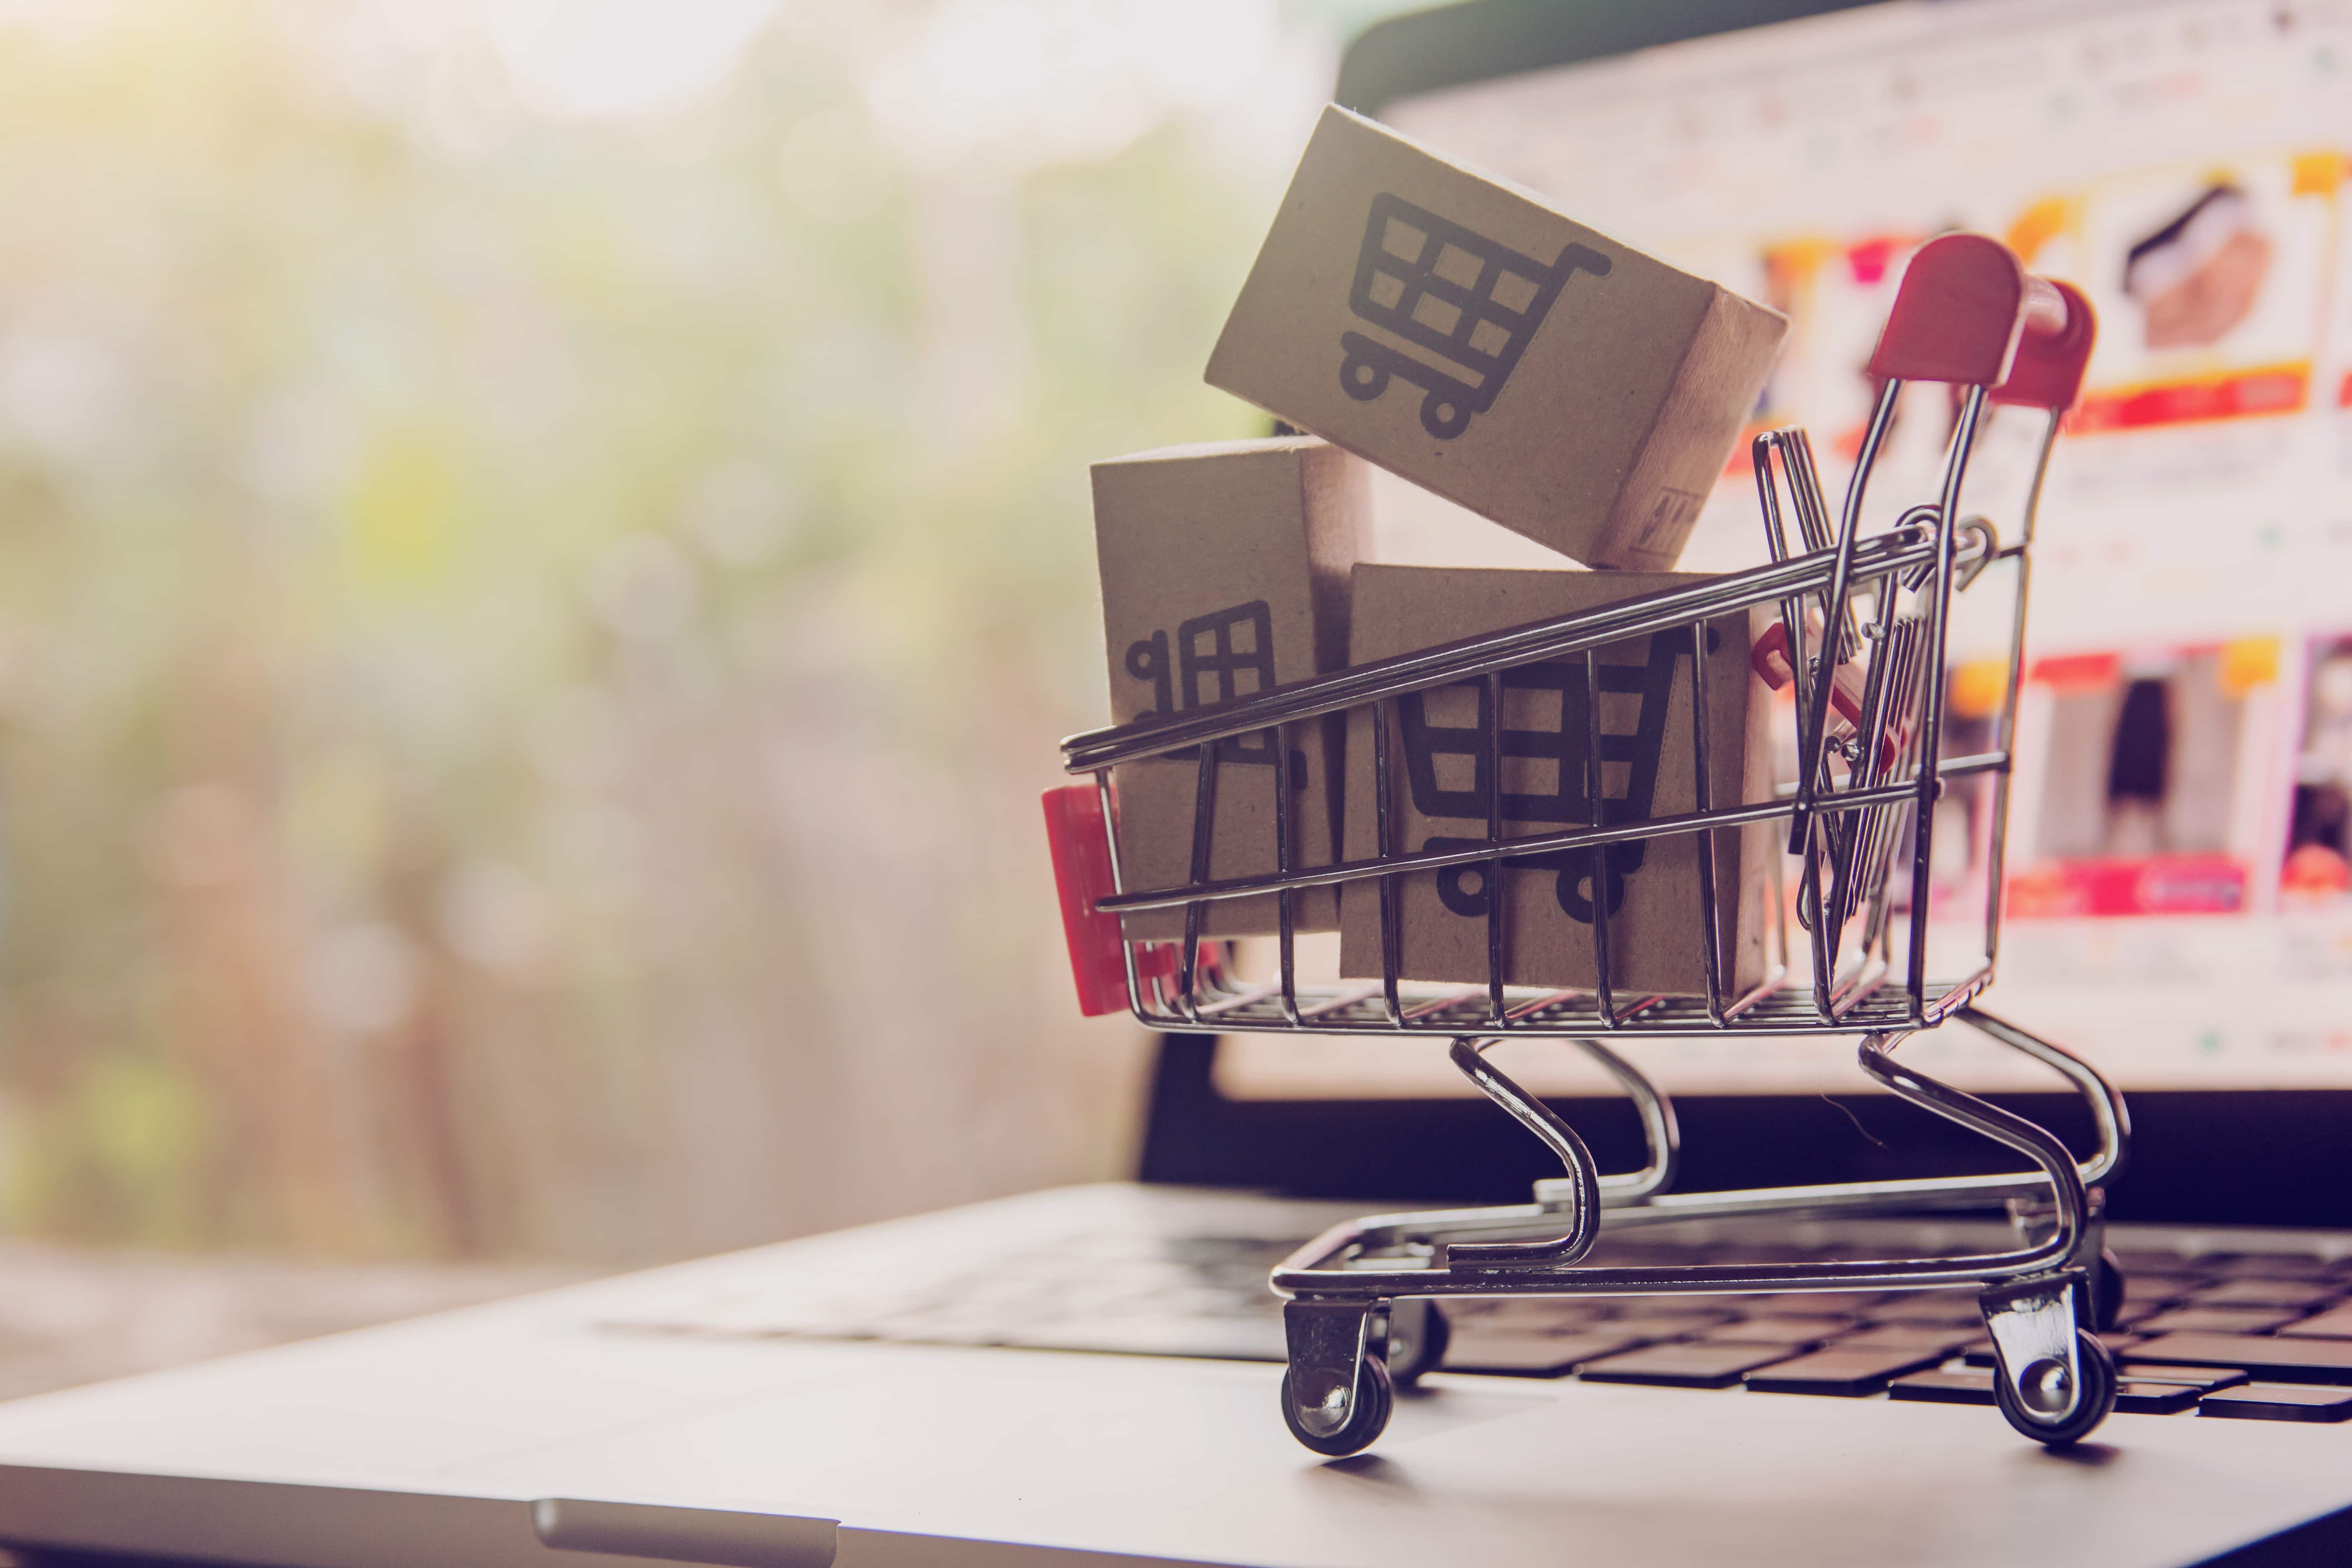 Les 14 avantages d'un e-commerce